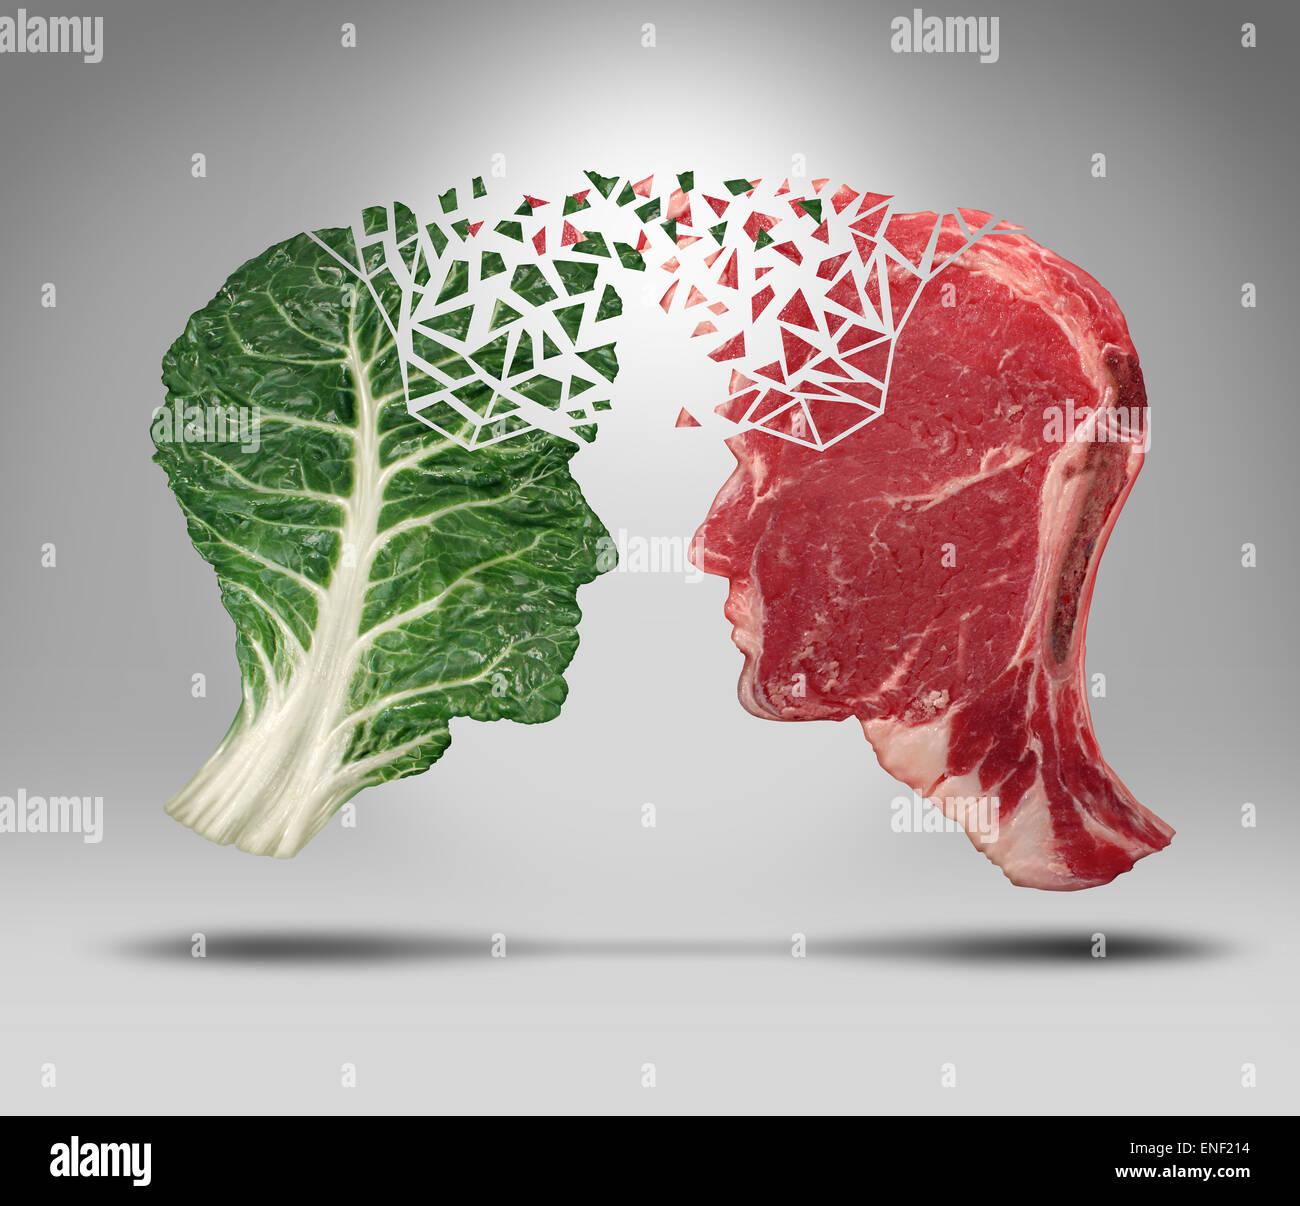 Information sur l'alimentation et la santé de l'alimentation change solde à choix avec une forme de tête humaine Banque D'Images